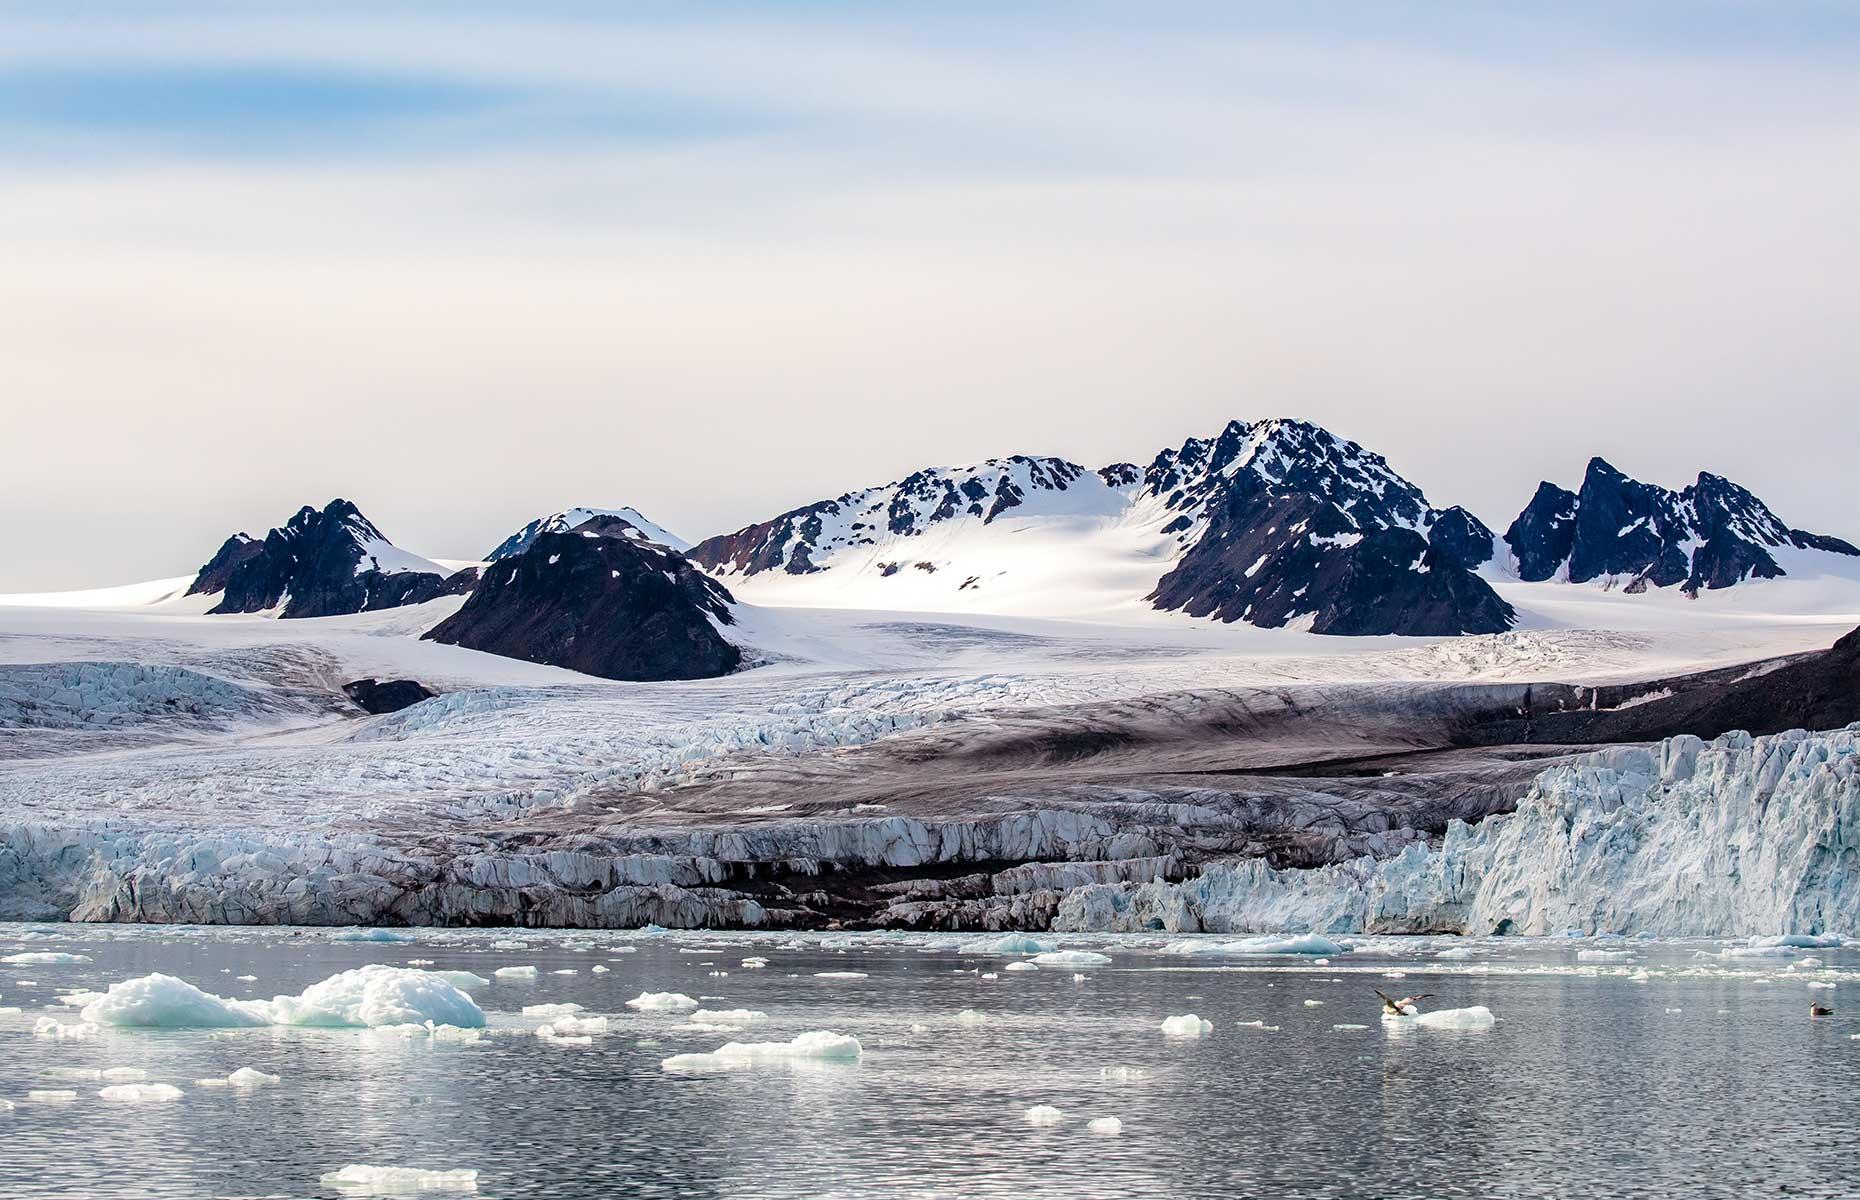 Lillehookbreen glacier, Svalbard (Image: Jo Crebbin/Shutterstock)